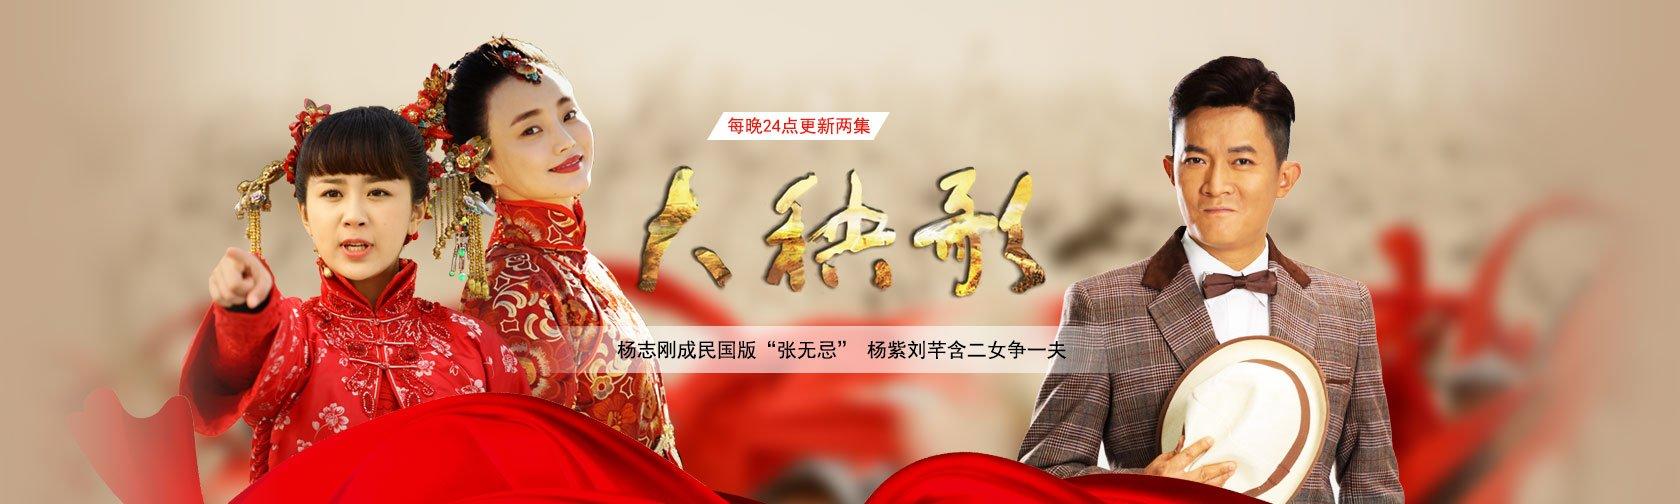 大秧歌[至78集] 杨紫欲点燃炸药替父报仇